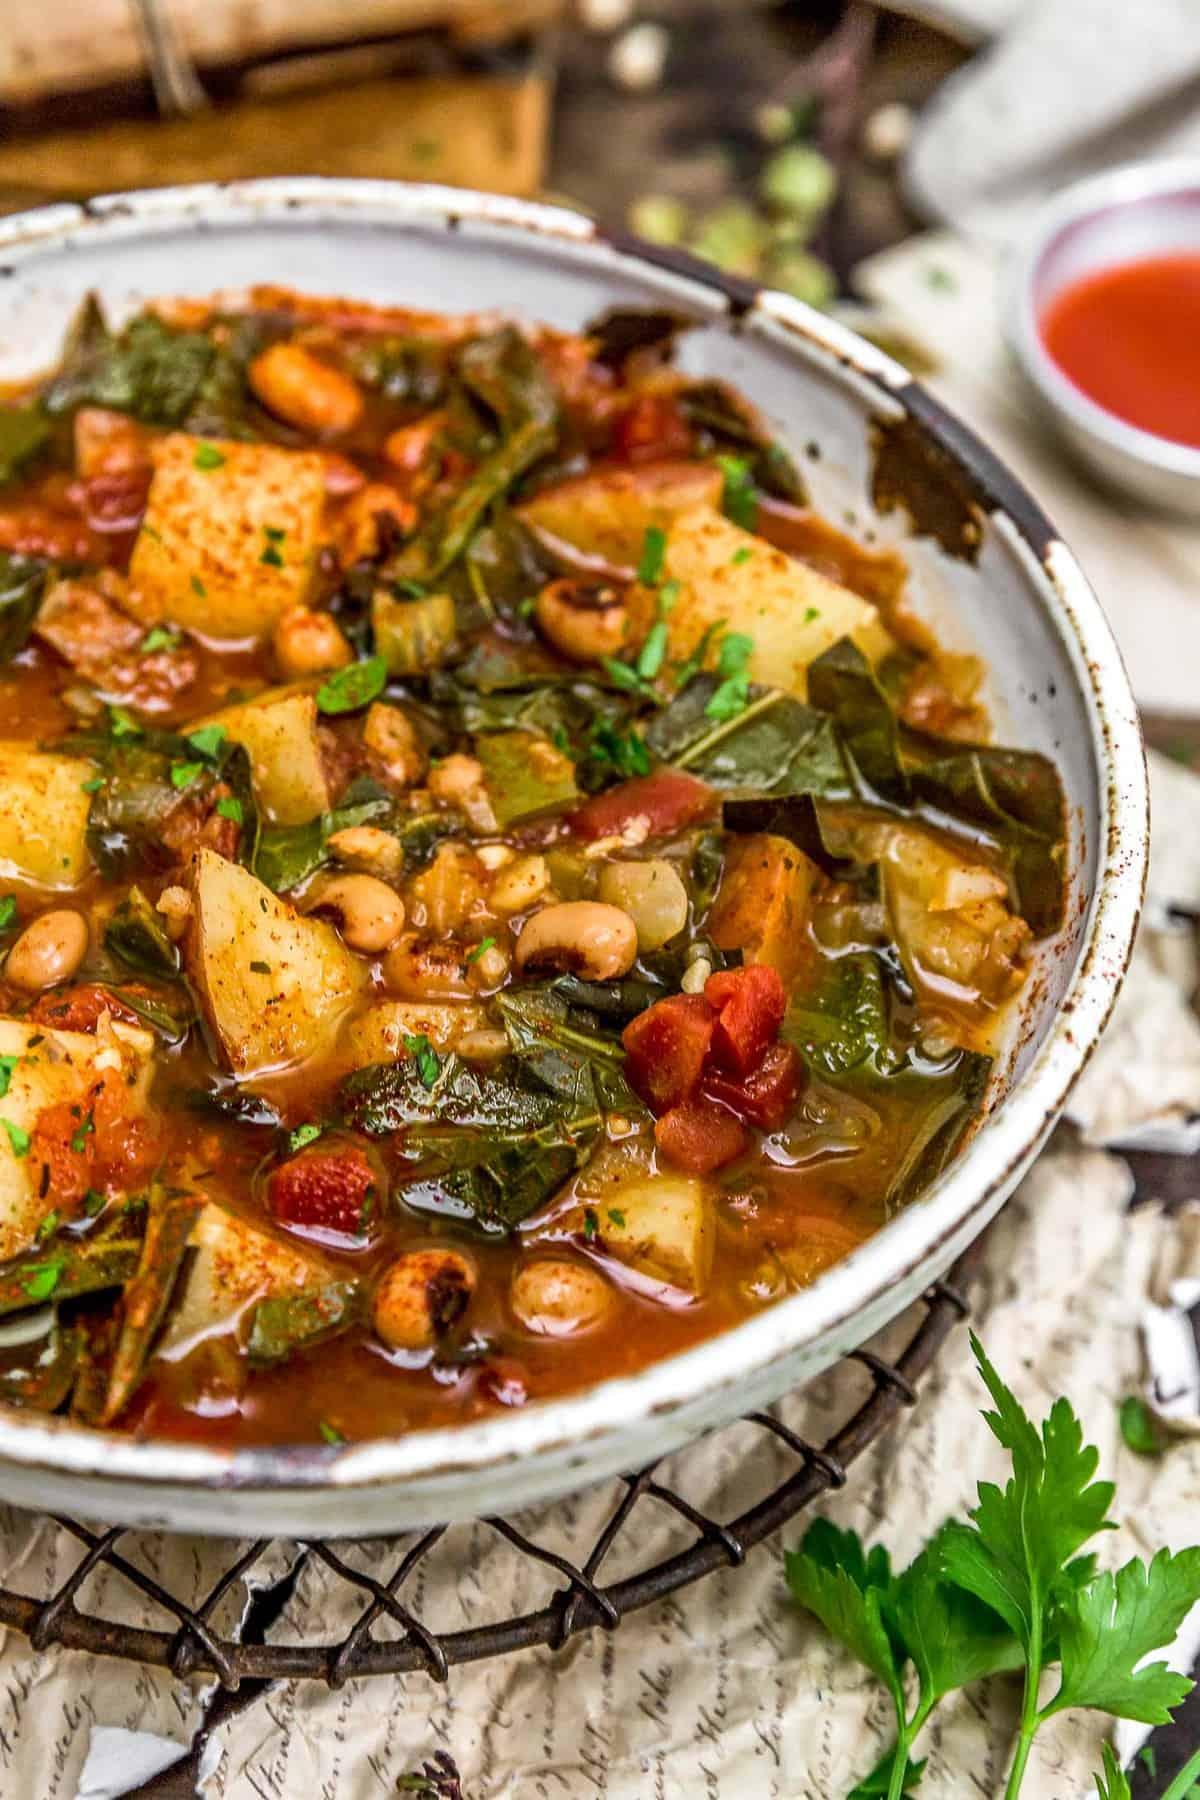 Bowl of Southern Collard Green Potato Stew